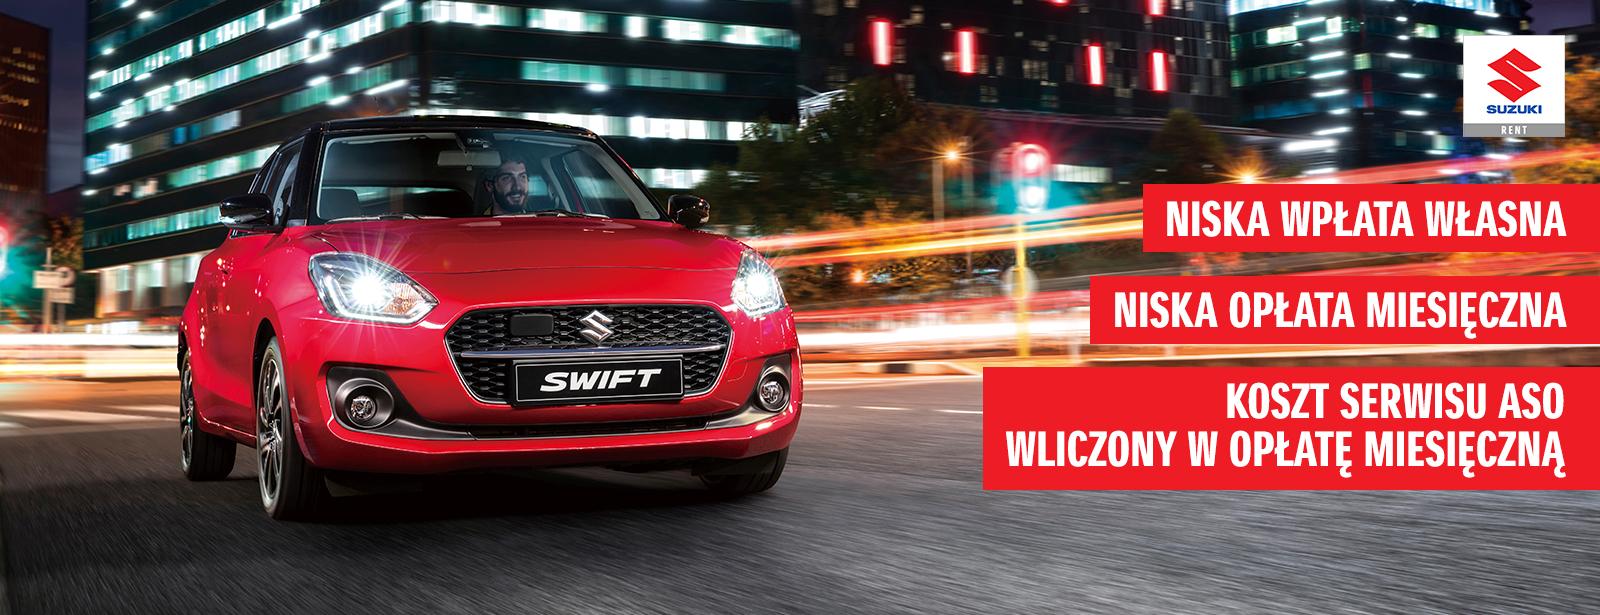 Na zdjęciu widniejse czerwone Suzuki Swift z opisaną ofertą